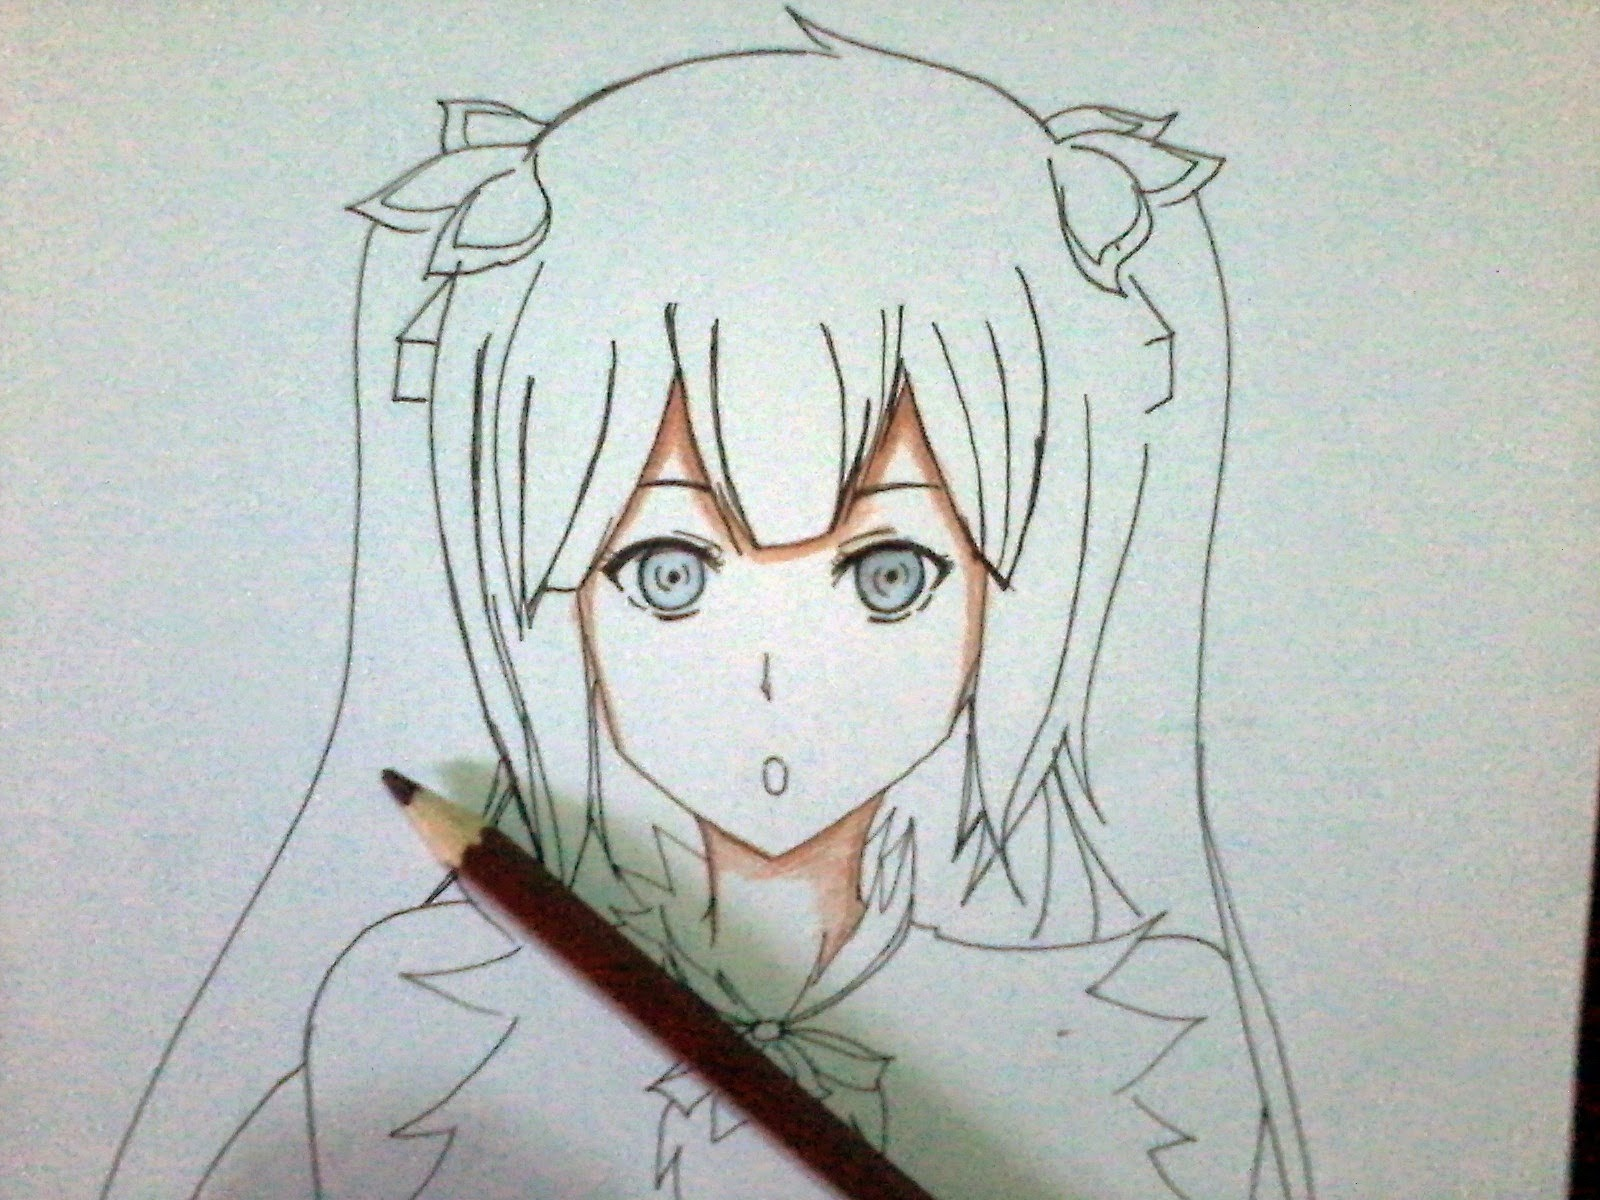 Gambar Sketsa Animasi Kartun Jepang Sobsketsa